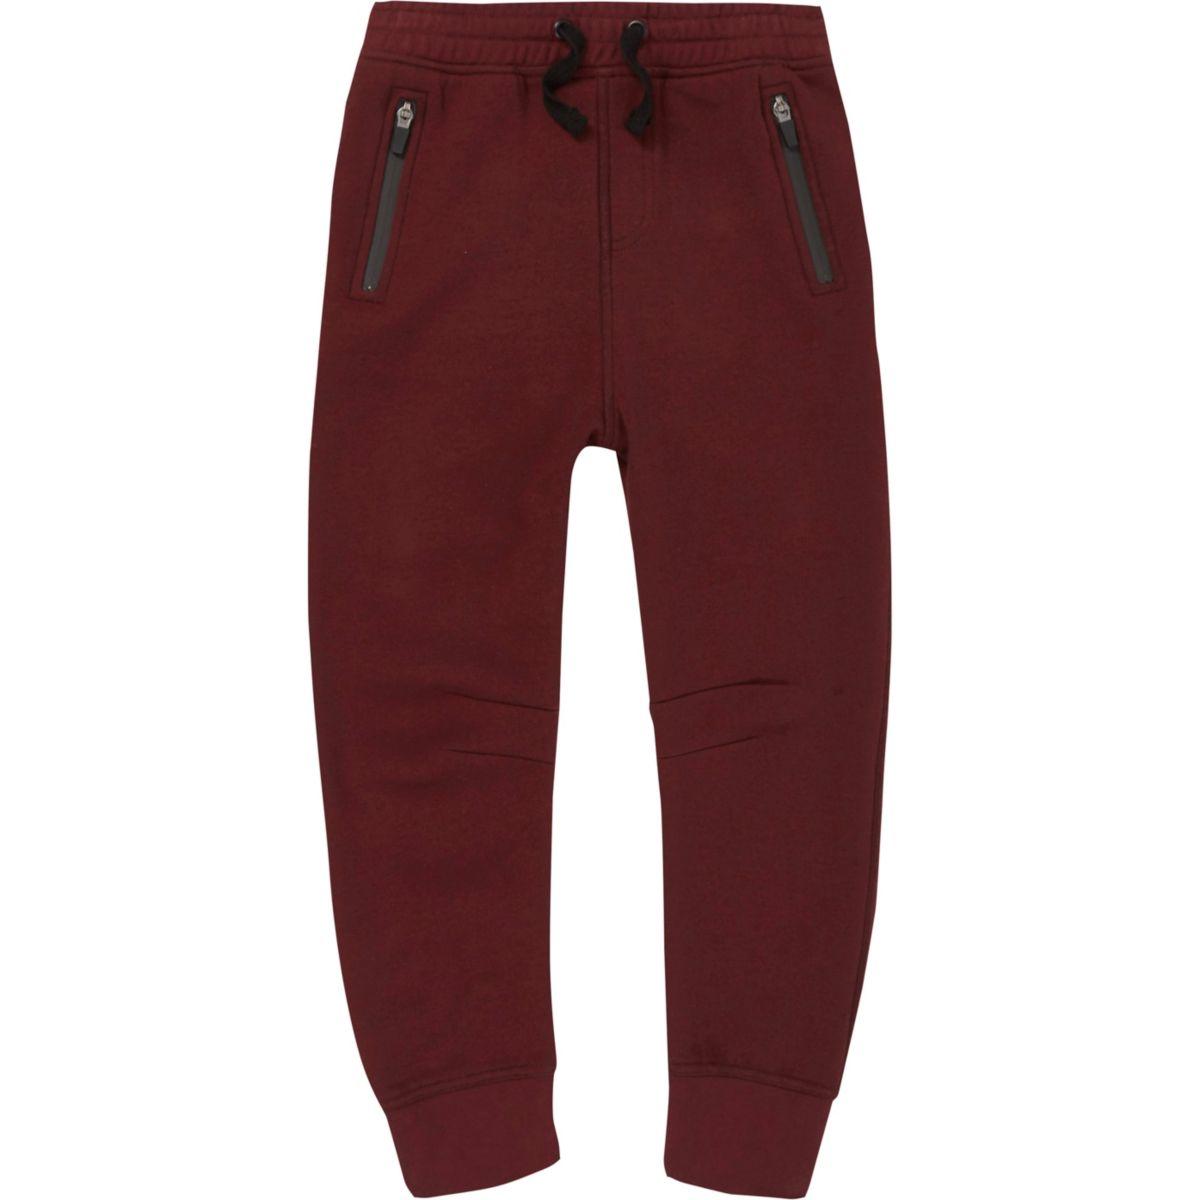 Pantalon de jogging en néoprène rouge foncé pour garçon